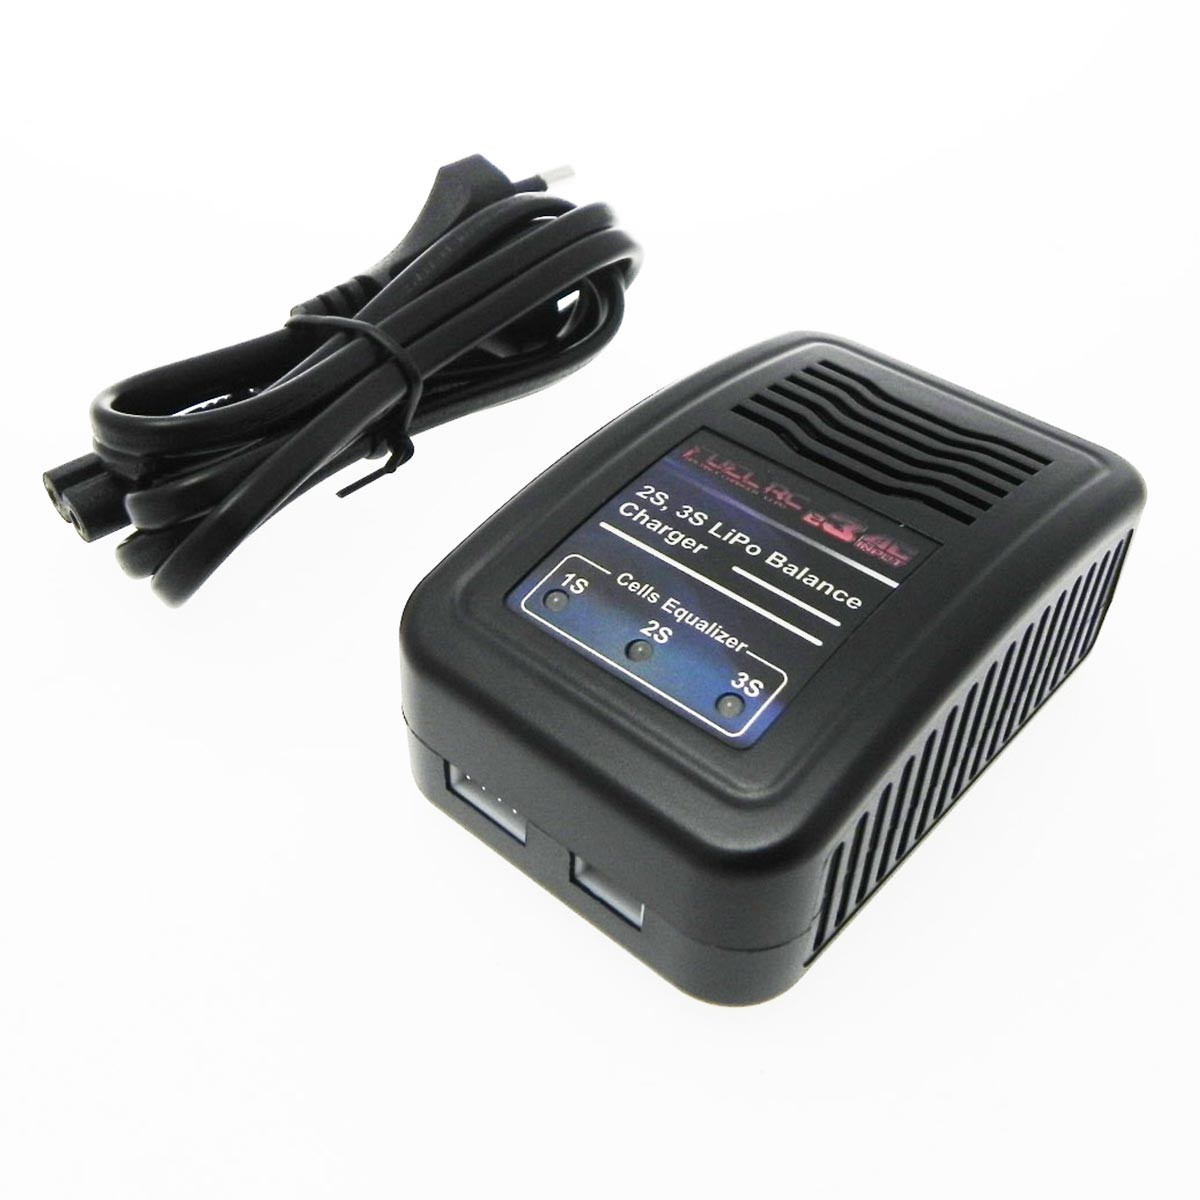 Caricabatterie per Batterie Lipo 7.4V 11.1V Bilanciatore Fuel Rc